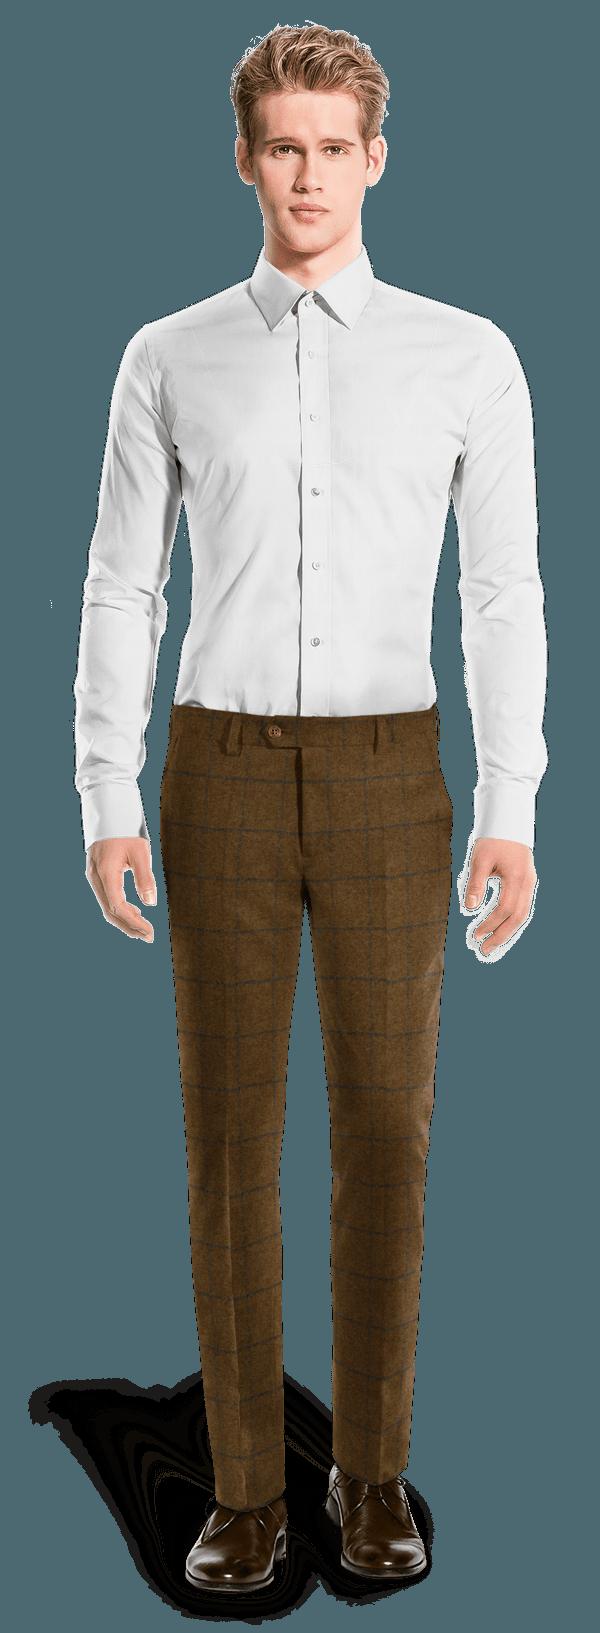 Braune karierte Hose aus tweed